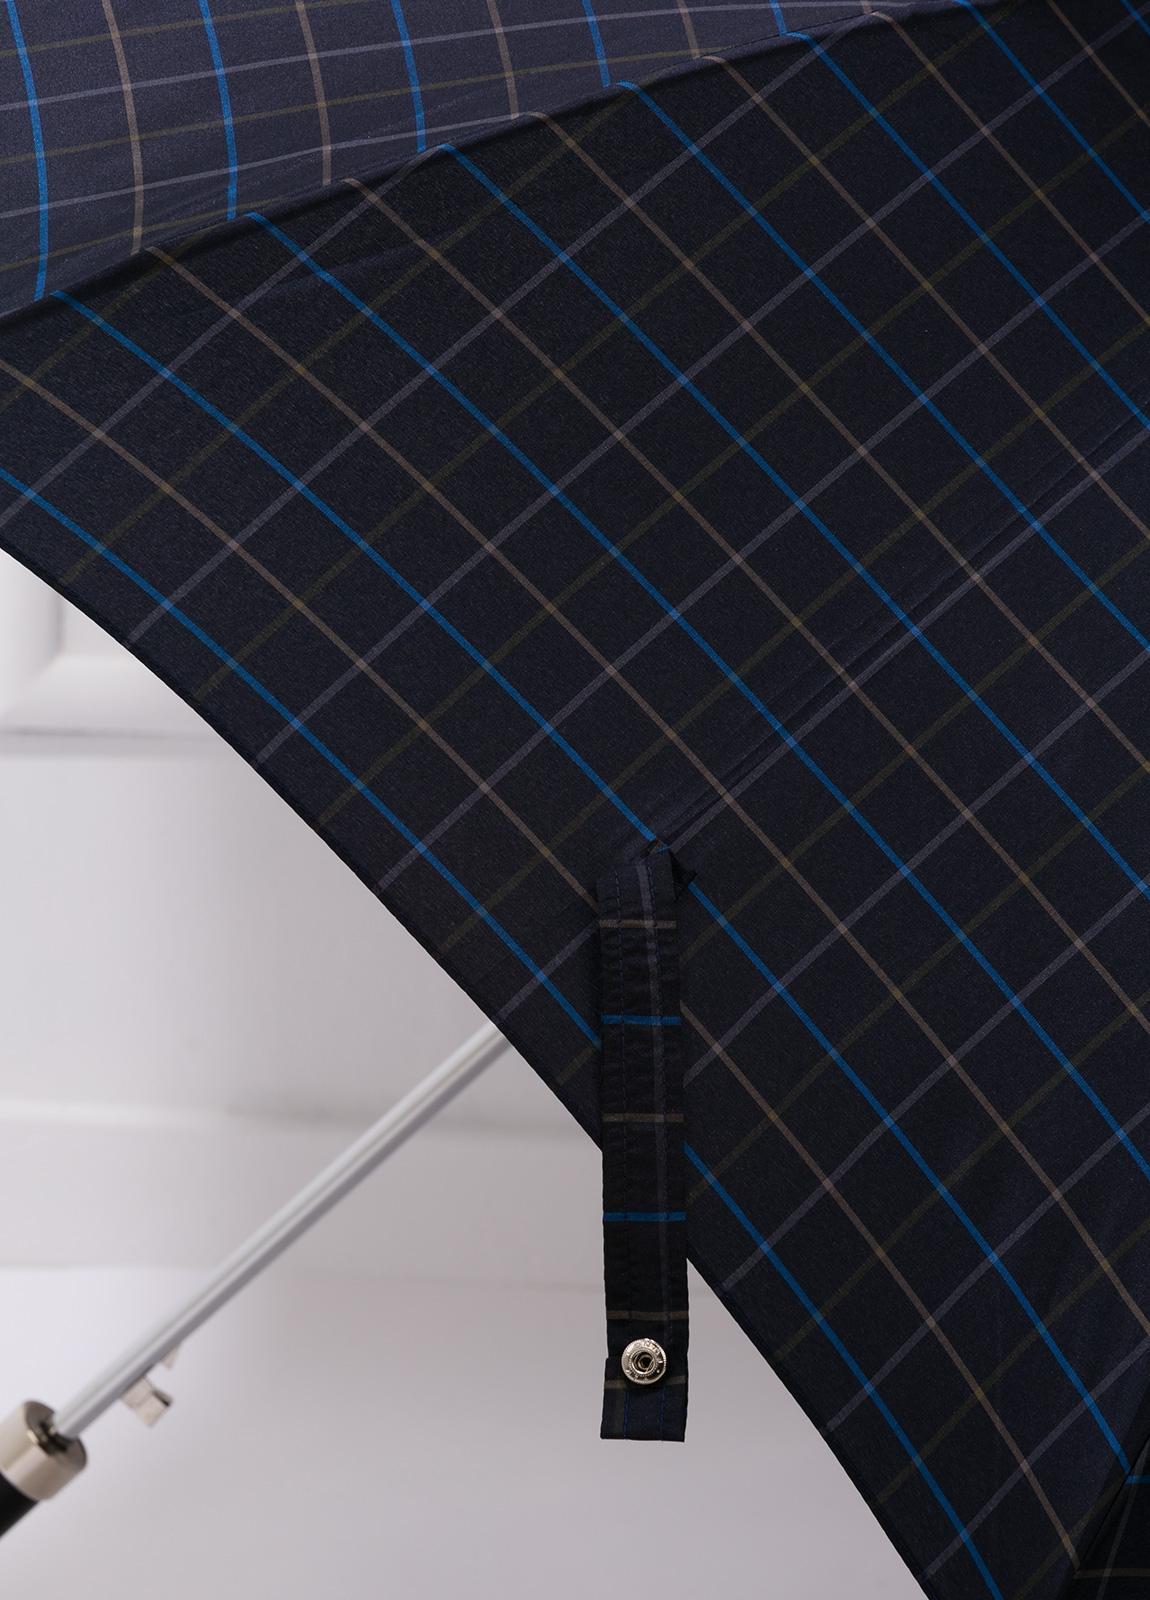 Paraguas con diseño de cuadros color azul marino y puño de madera. - Ítem1